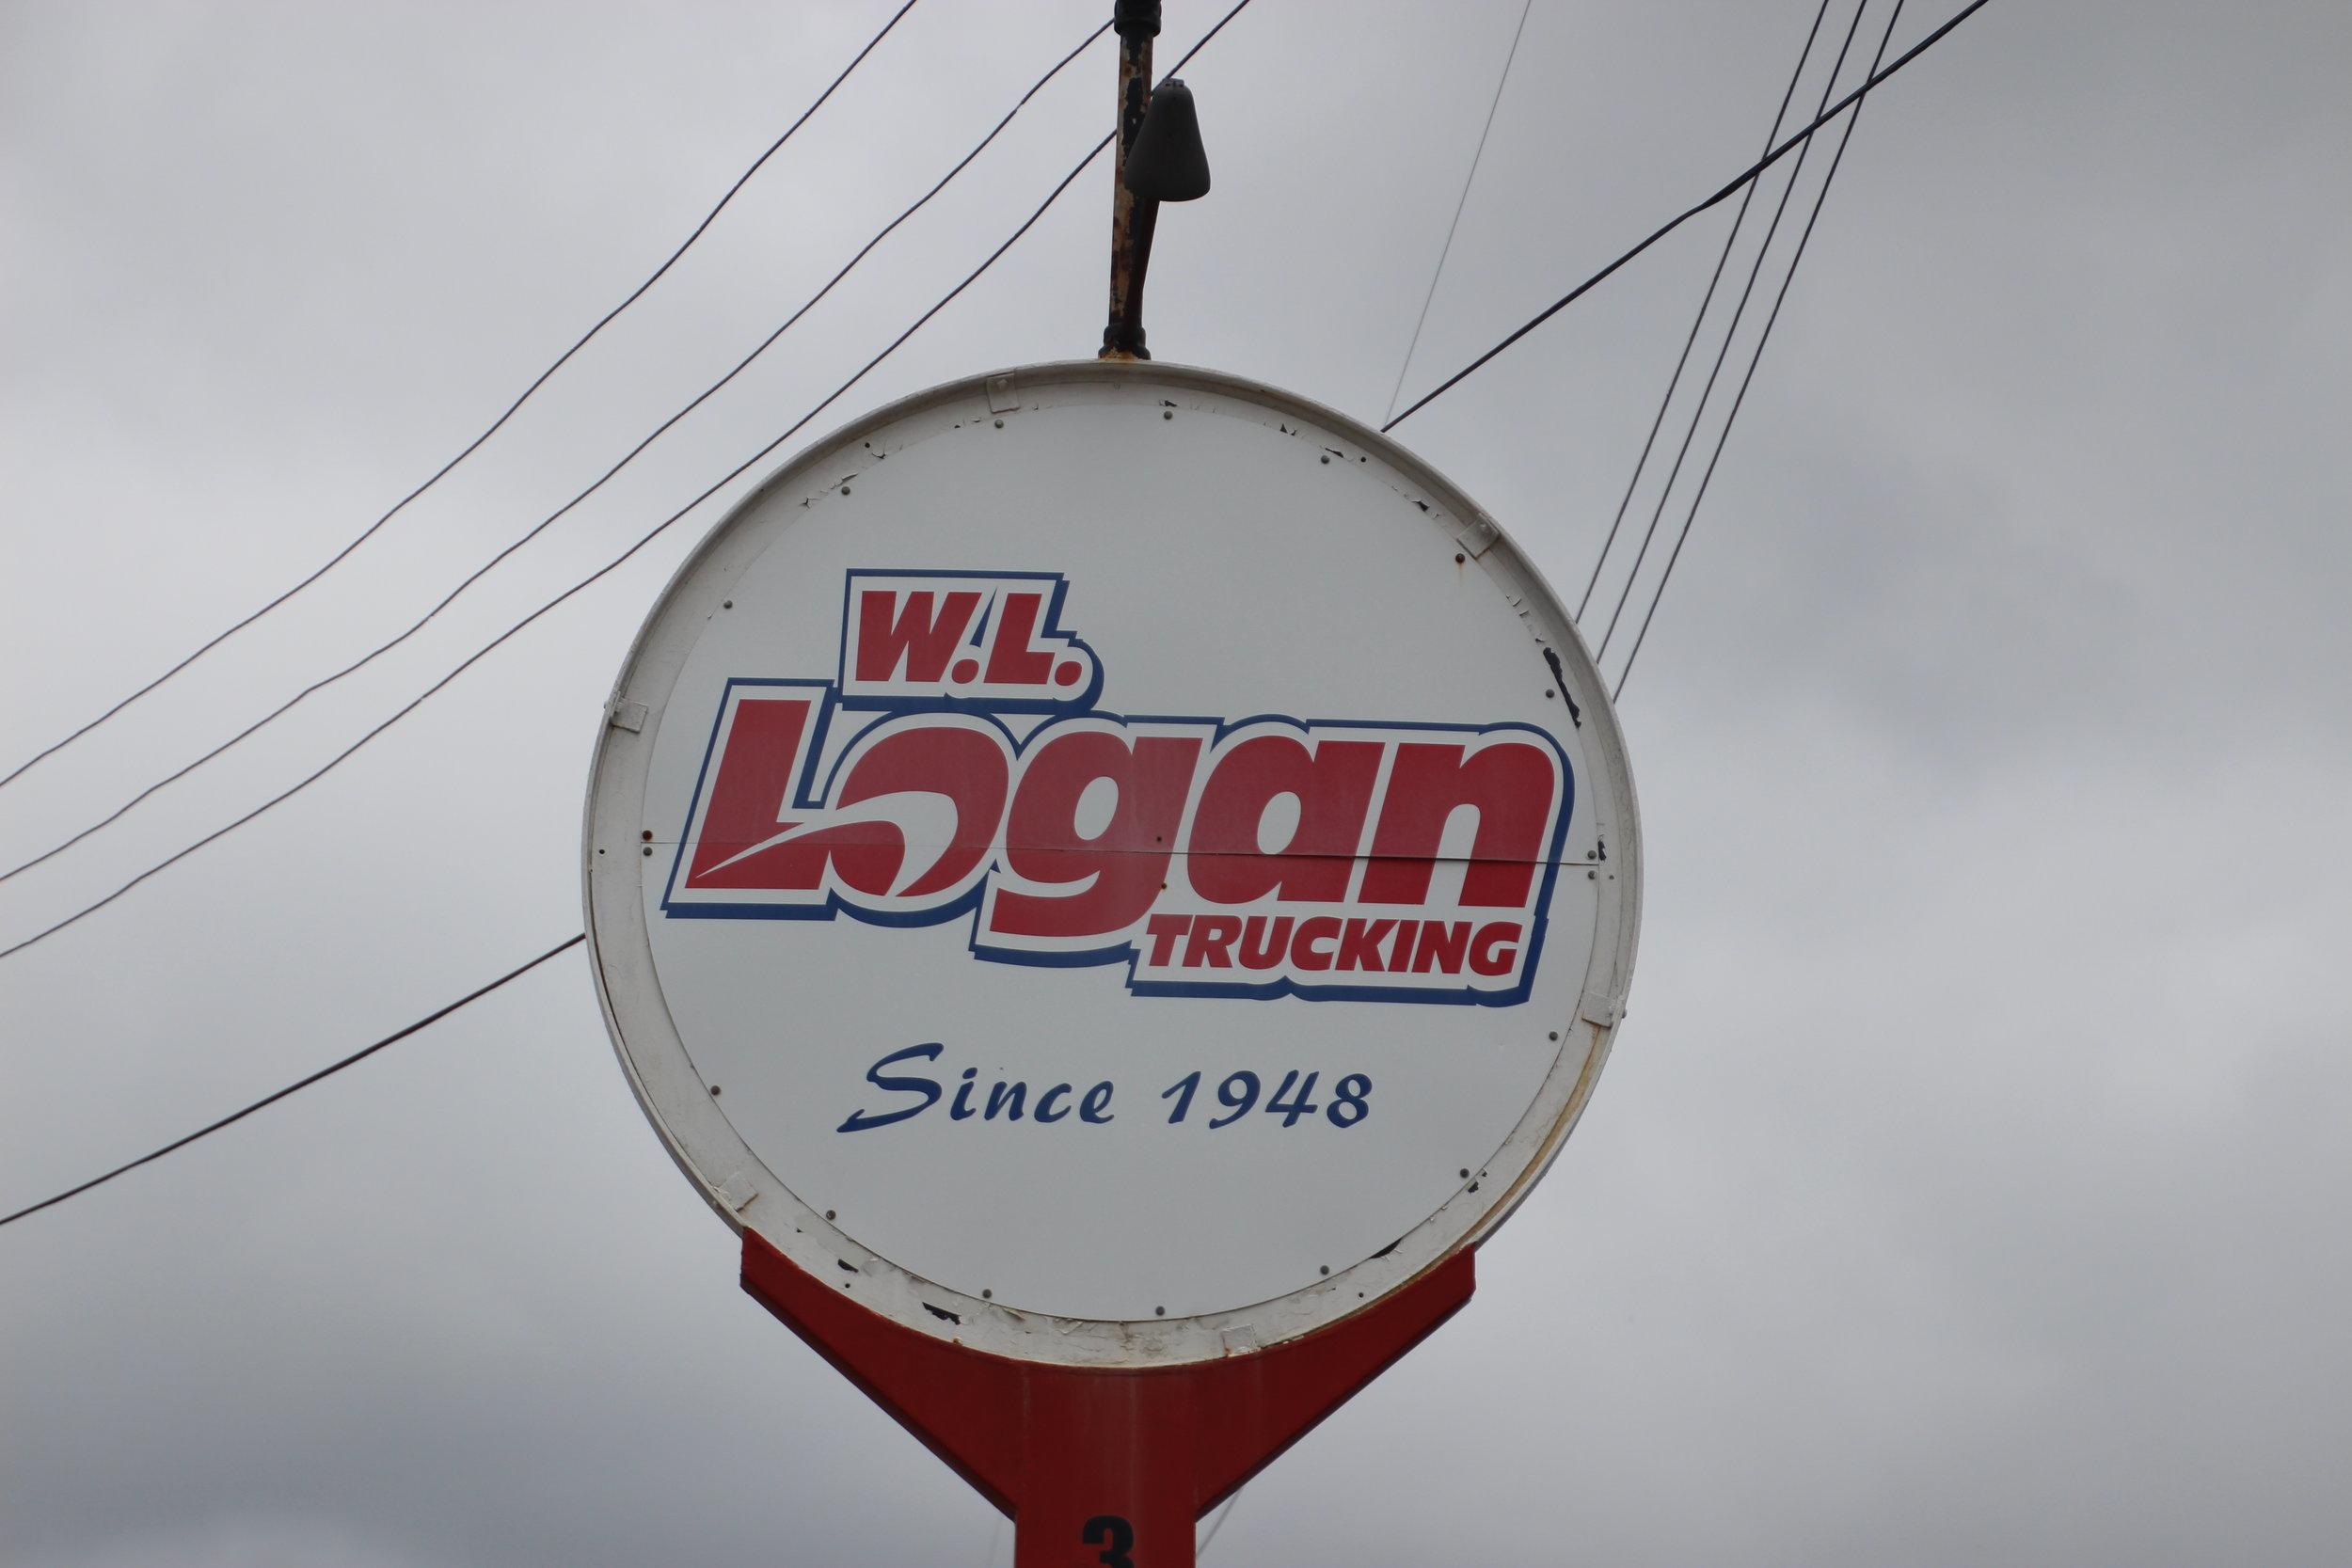 WL Logan Trucking Business Name